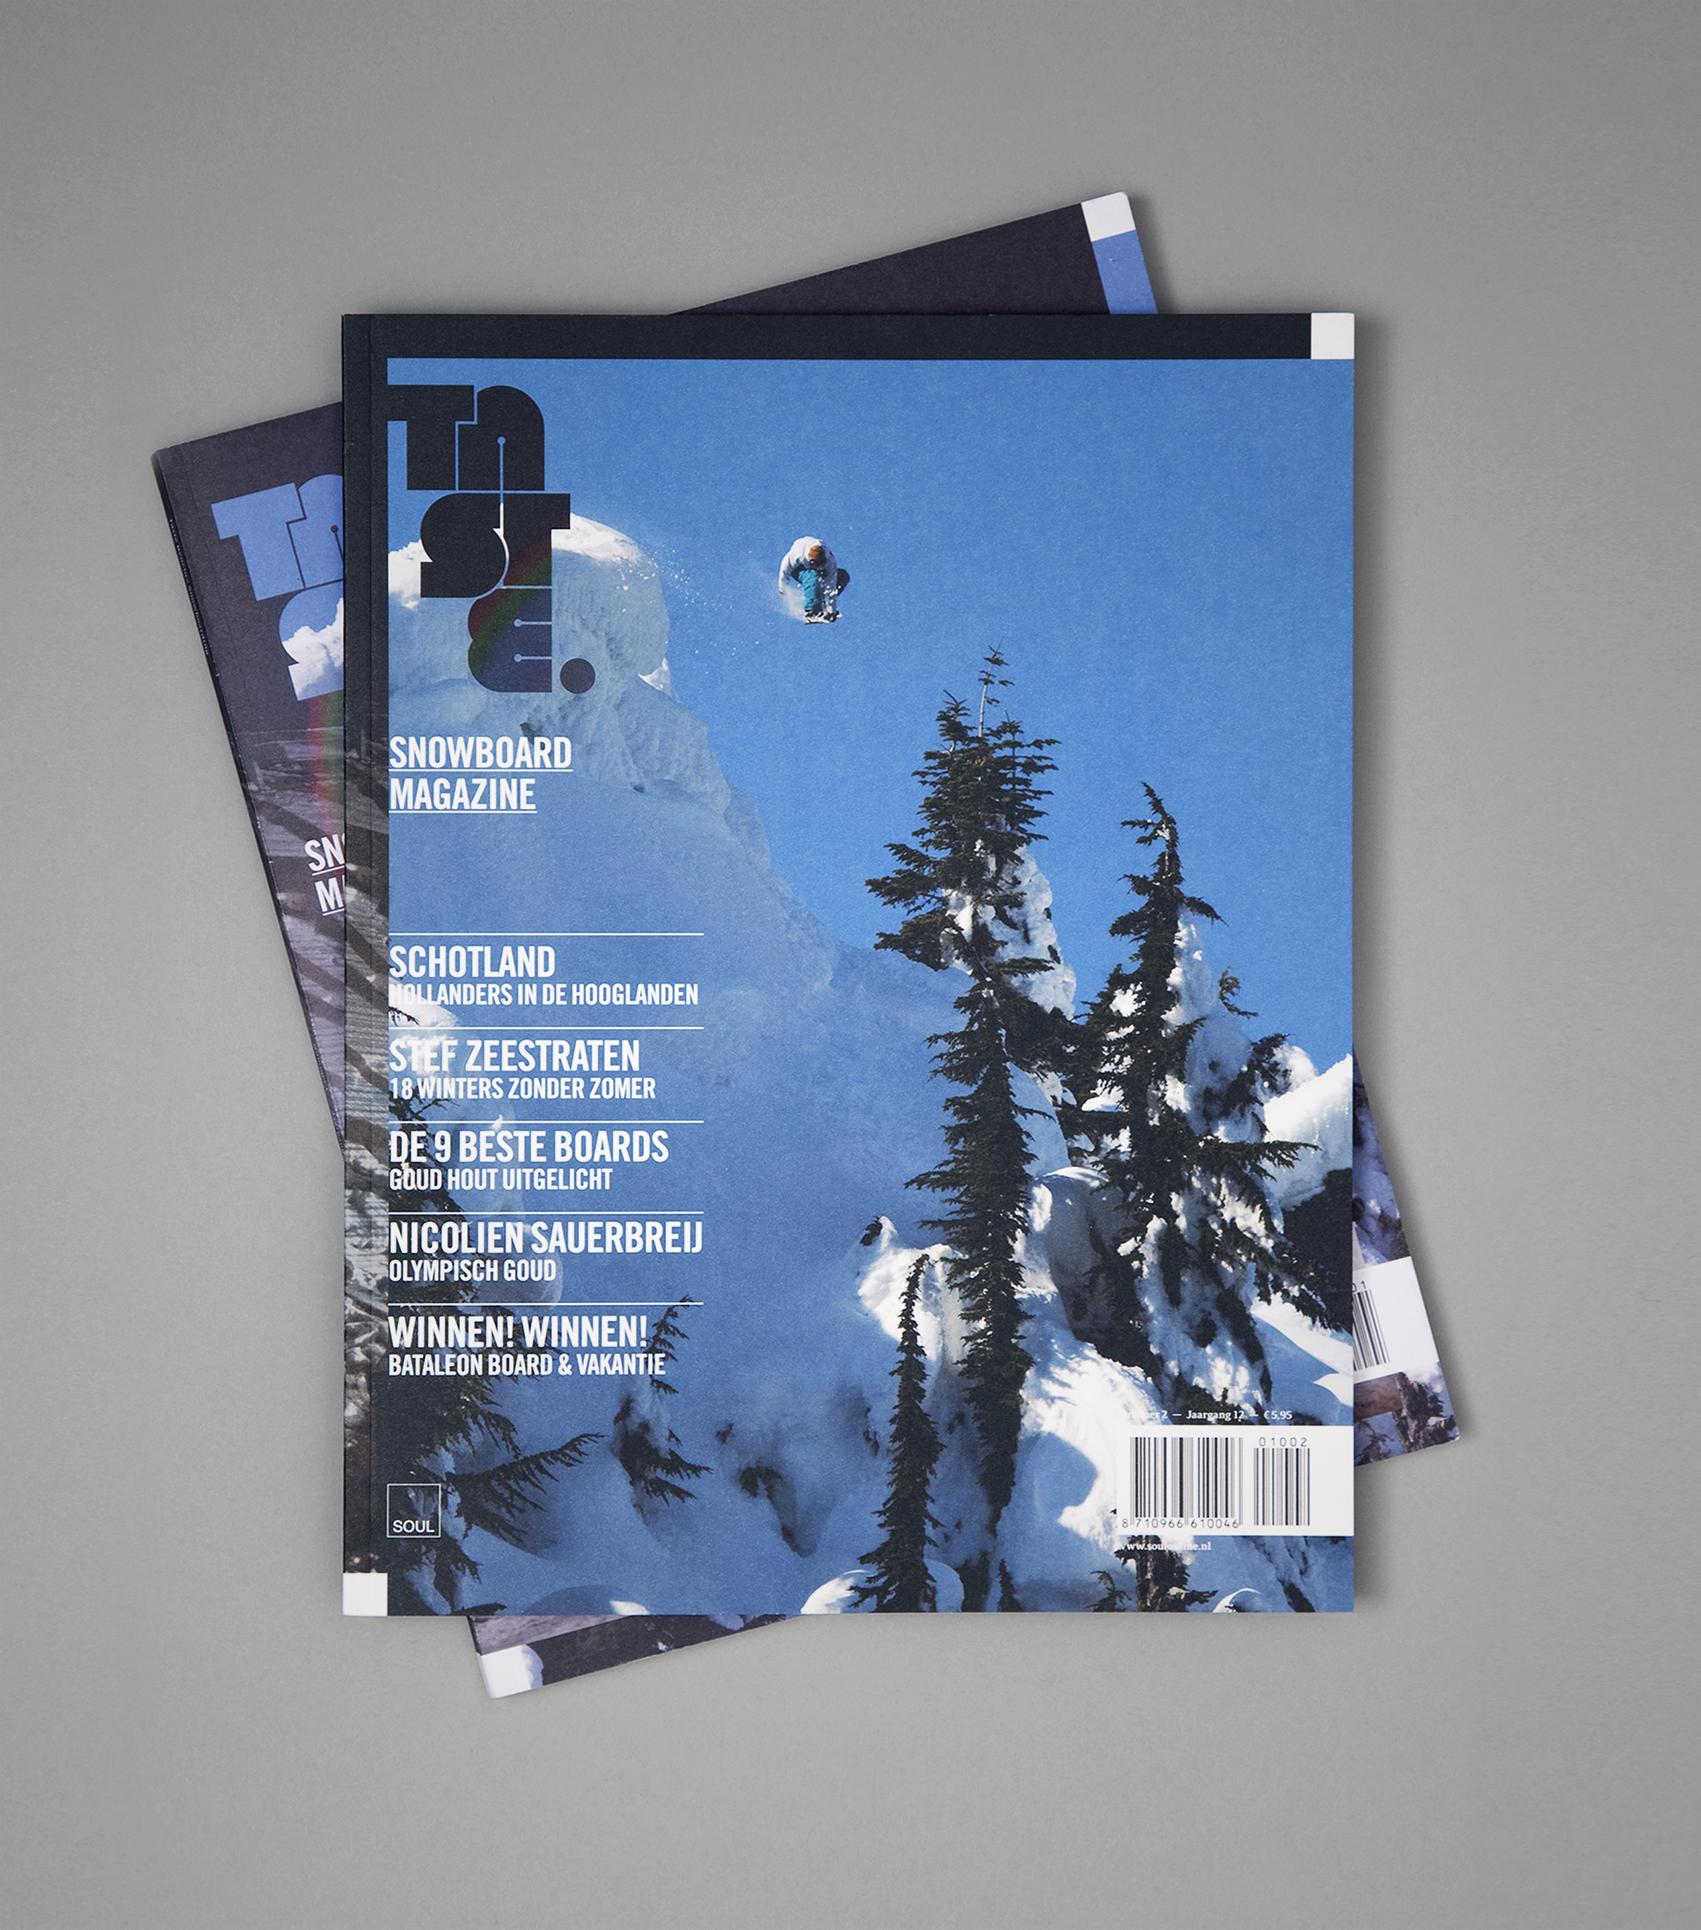 Taste Snowboard Magazine 2010.